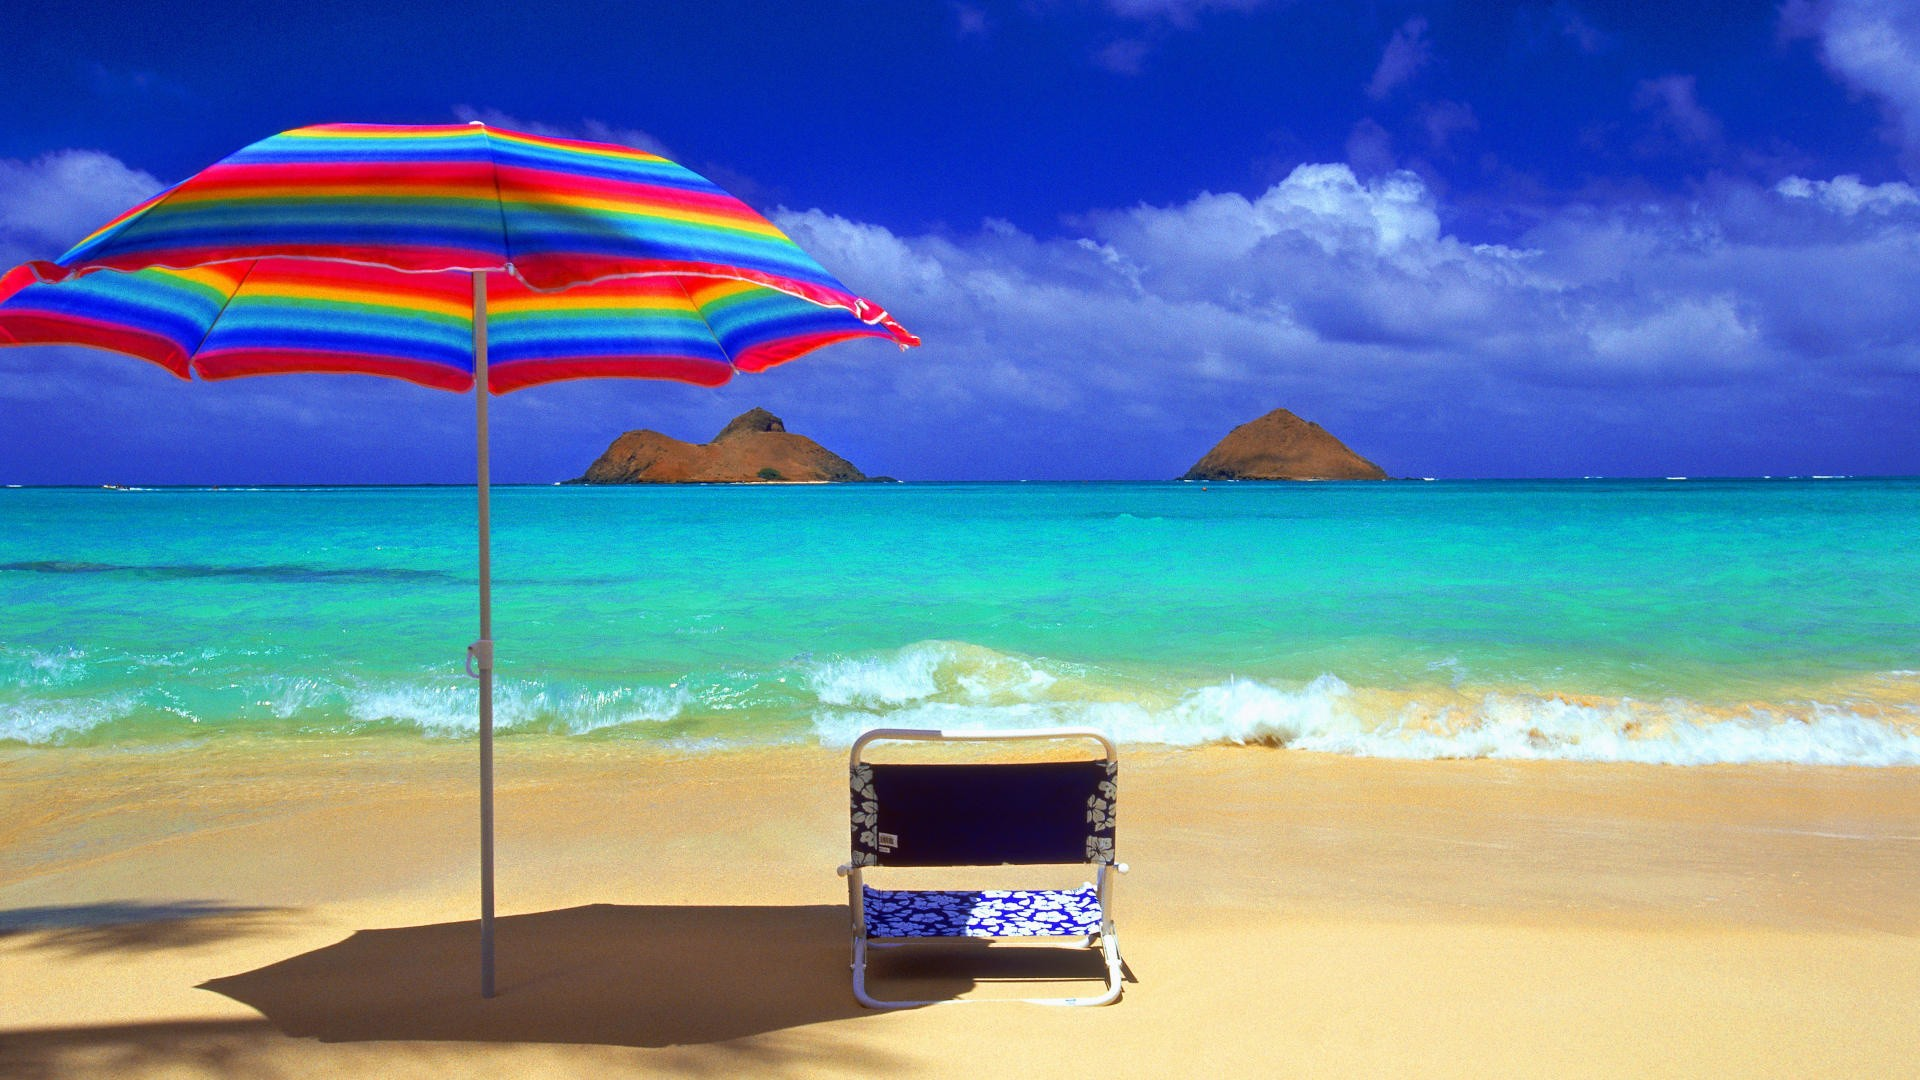 sun beach umbrella hd wallpaper wallpapers55com   Best Wallpapers 1920x1080